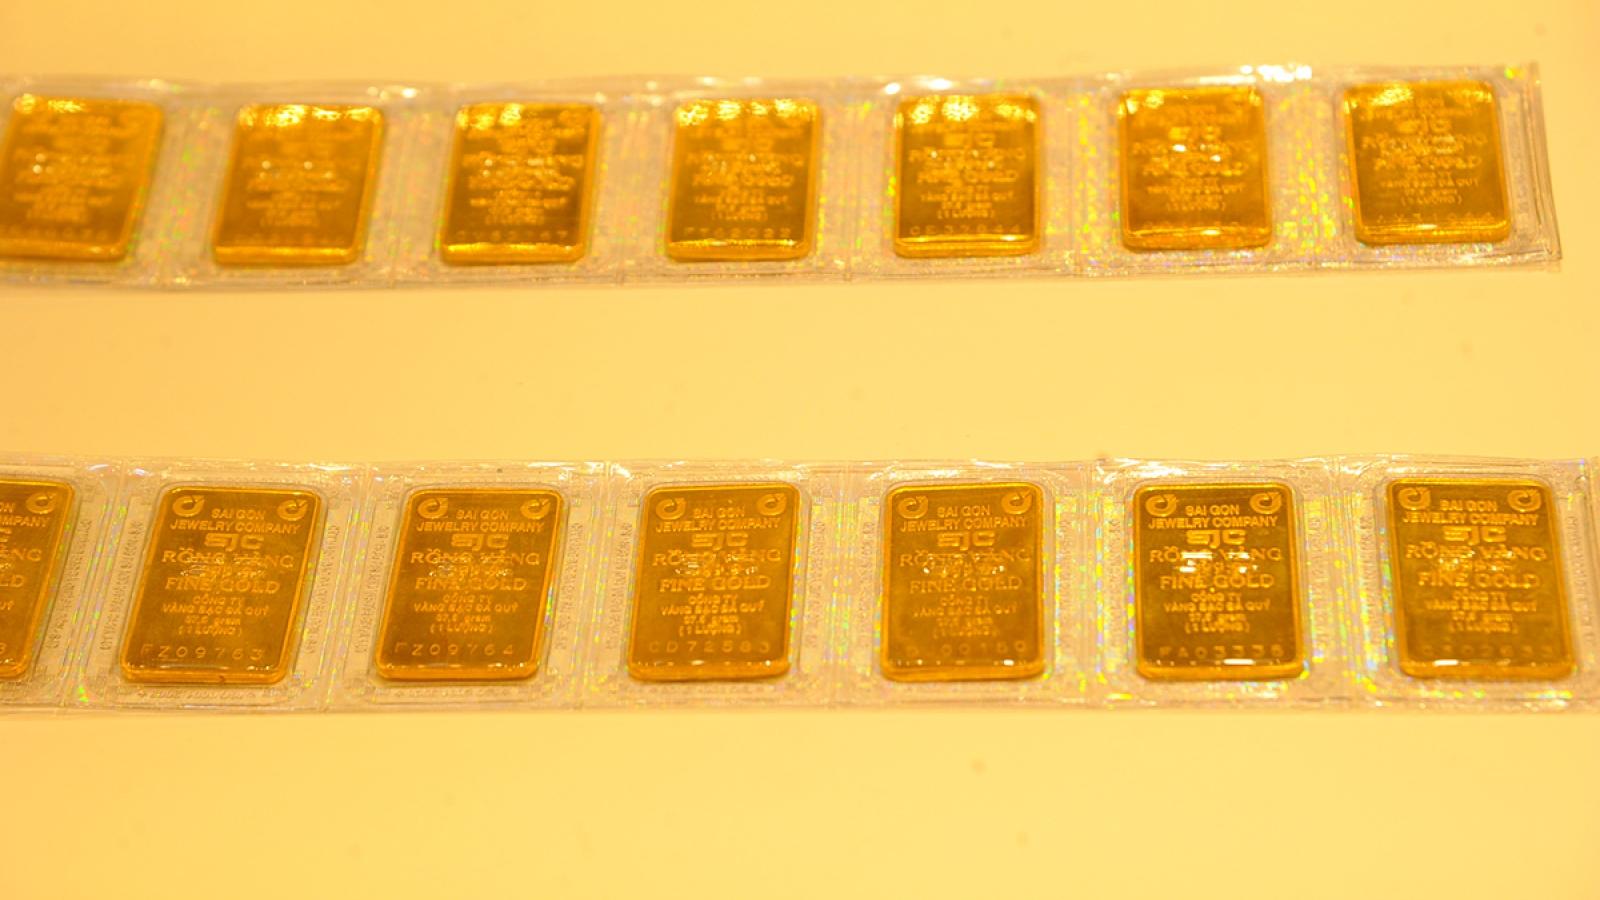 Giá vàng hôm nay 4/6: Vàng SJC tiếp tục giảm 400.000 đồng/lượng